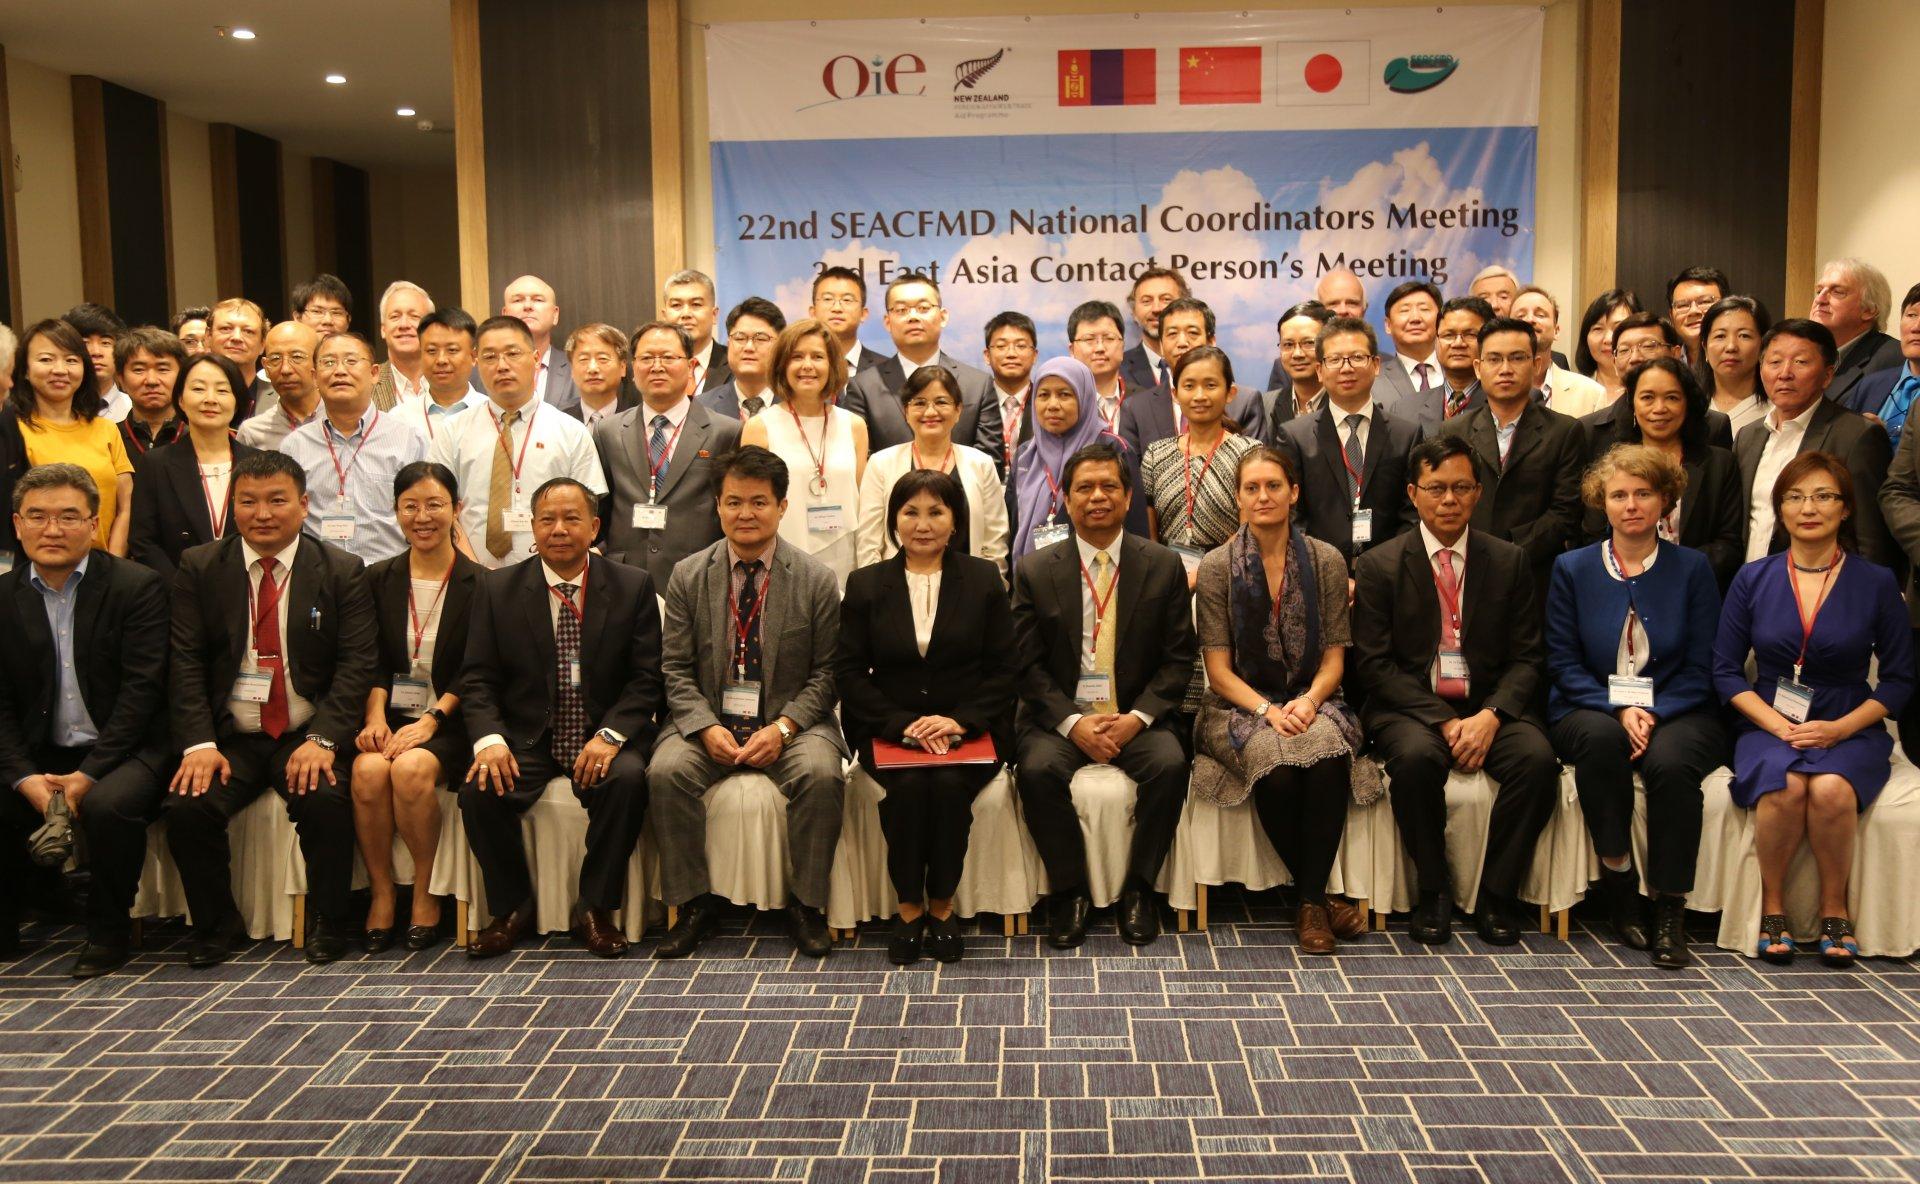 Зүүн өмнөд Азийн шүлхийн  хяналт хөтөлбөрийн үндэсний зохицуулагч нарын 22 дугаар уулзалт болж  байна